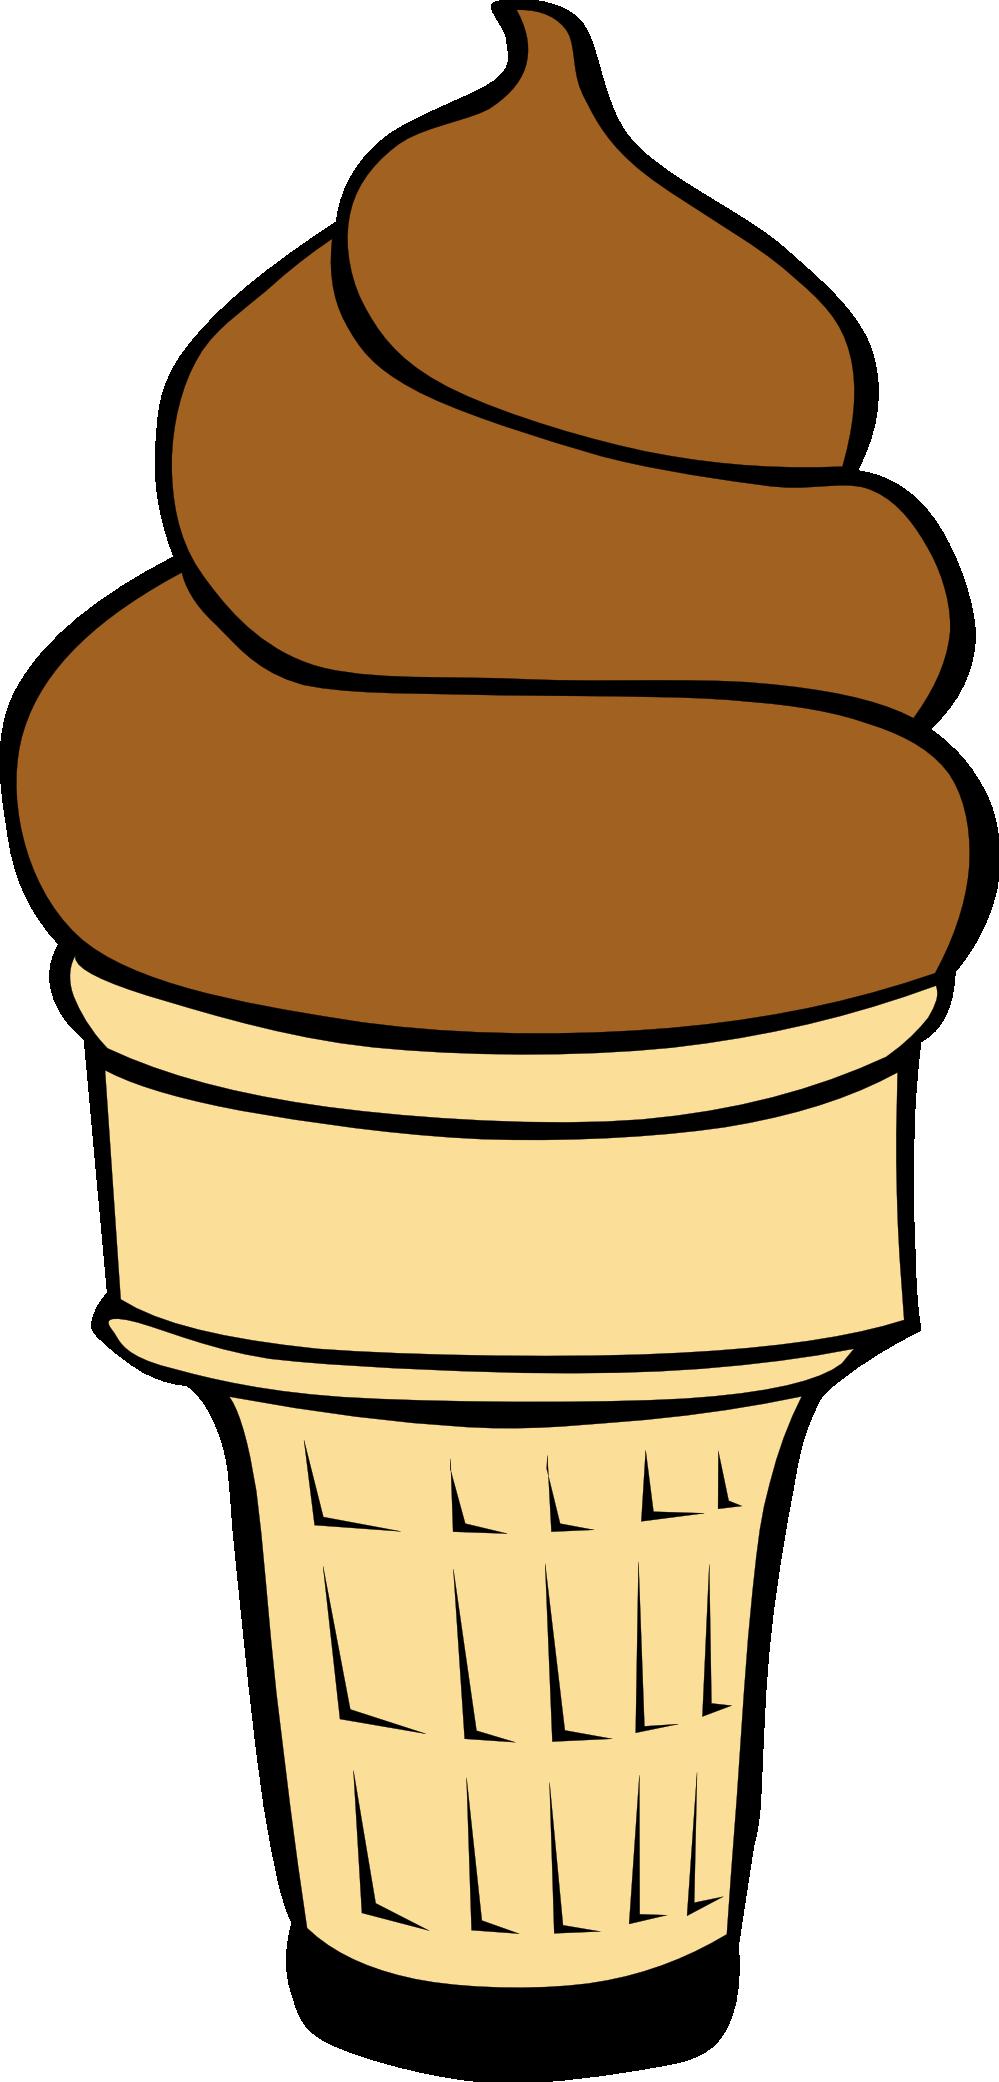 Waffle clipart cone ice cream. Clip art vanilla cake